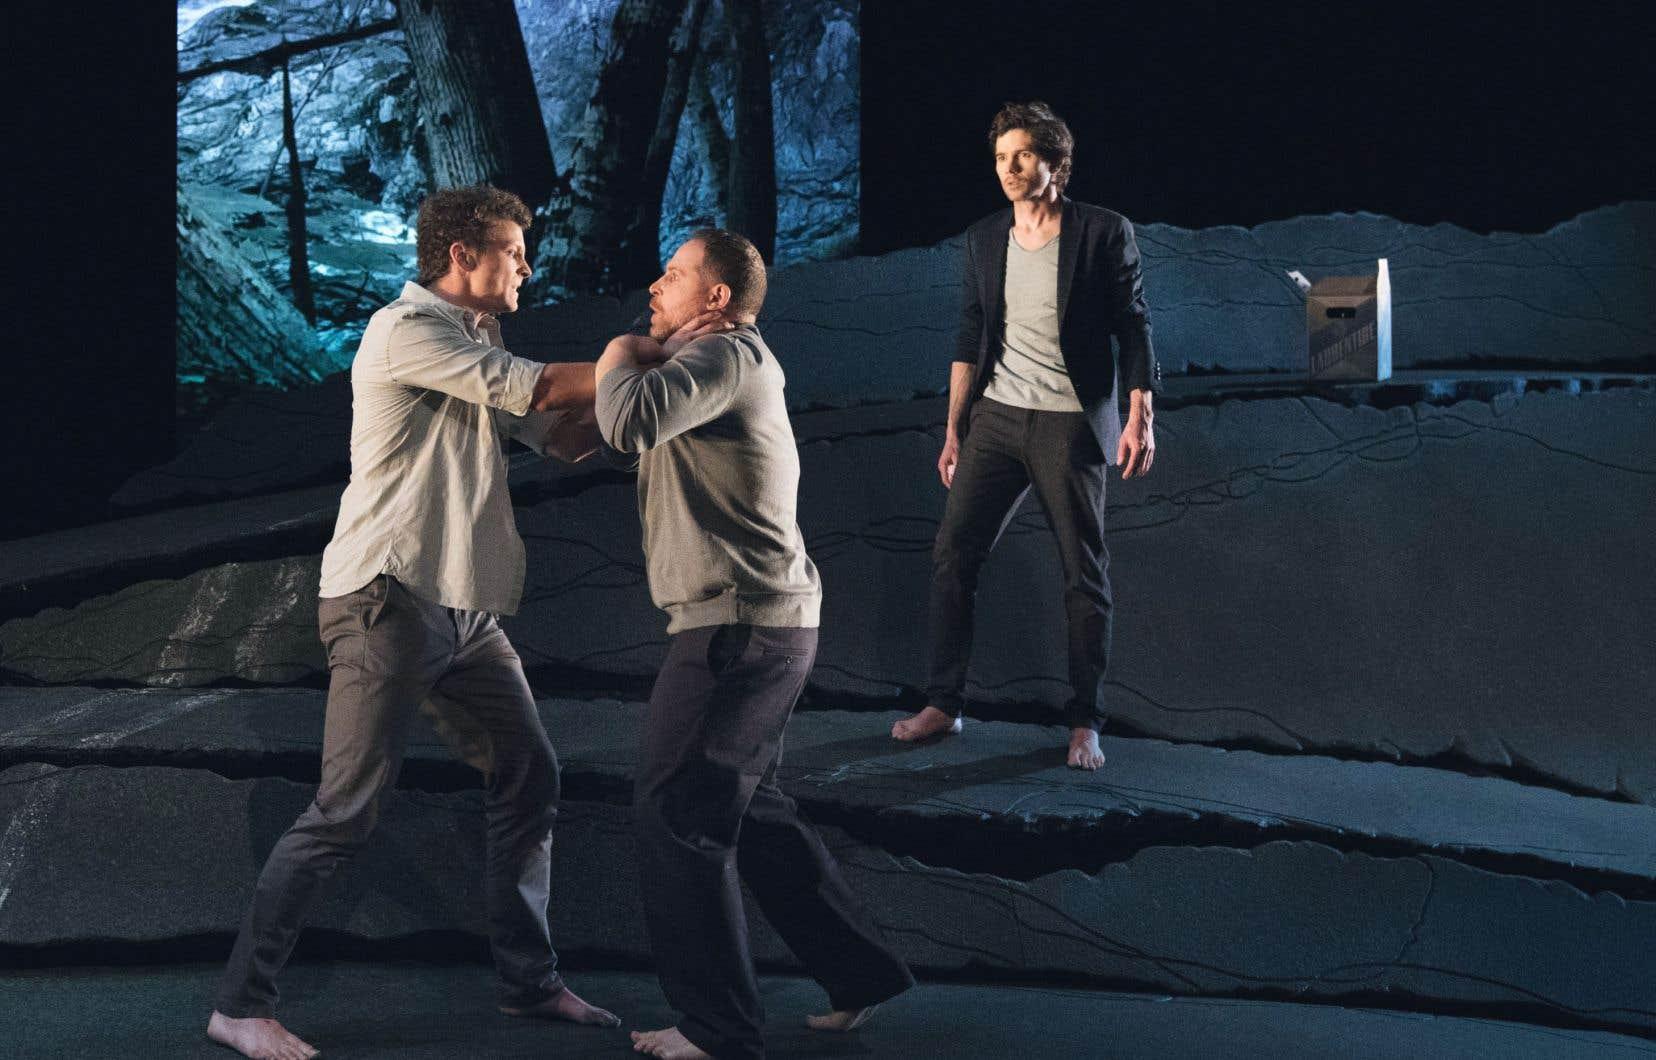 Les comédiens, Félix-Antoine Duval, Alexandre Goyette et Maxime Denommée, sont justes, émouvants, naviguant délicatement entre la caricature et la vulnérabilité, la bravade et l'effondrement.